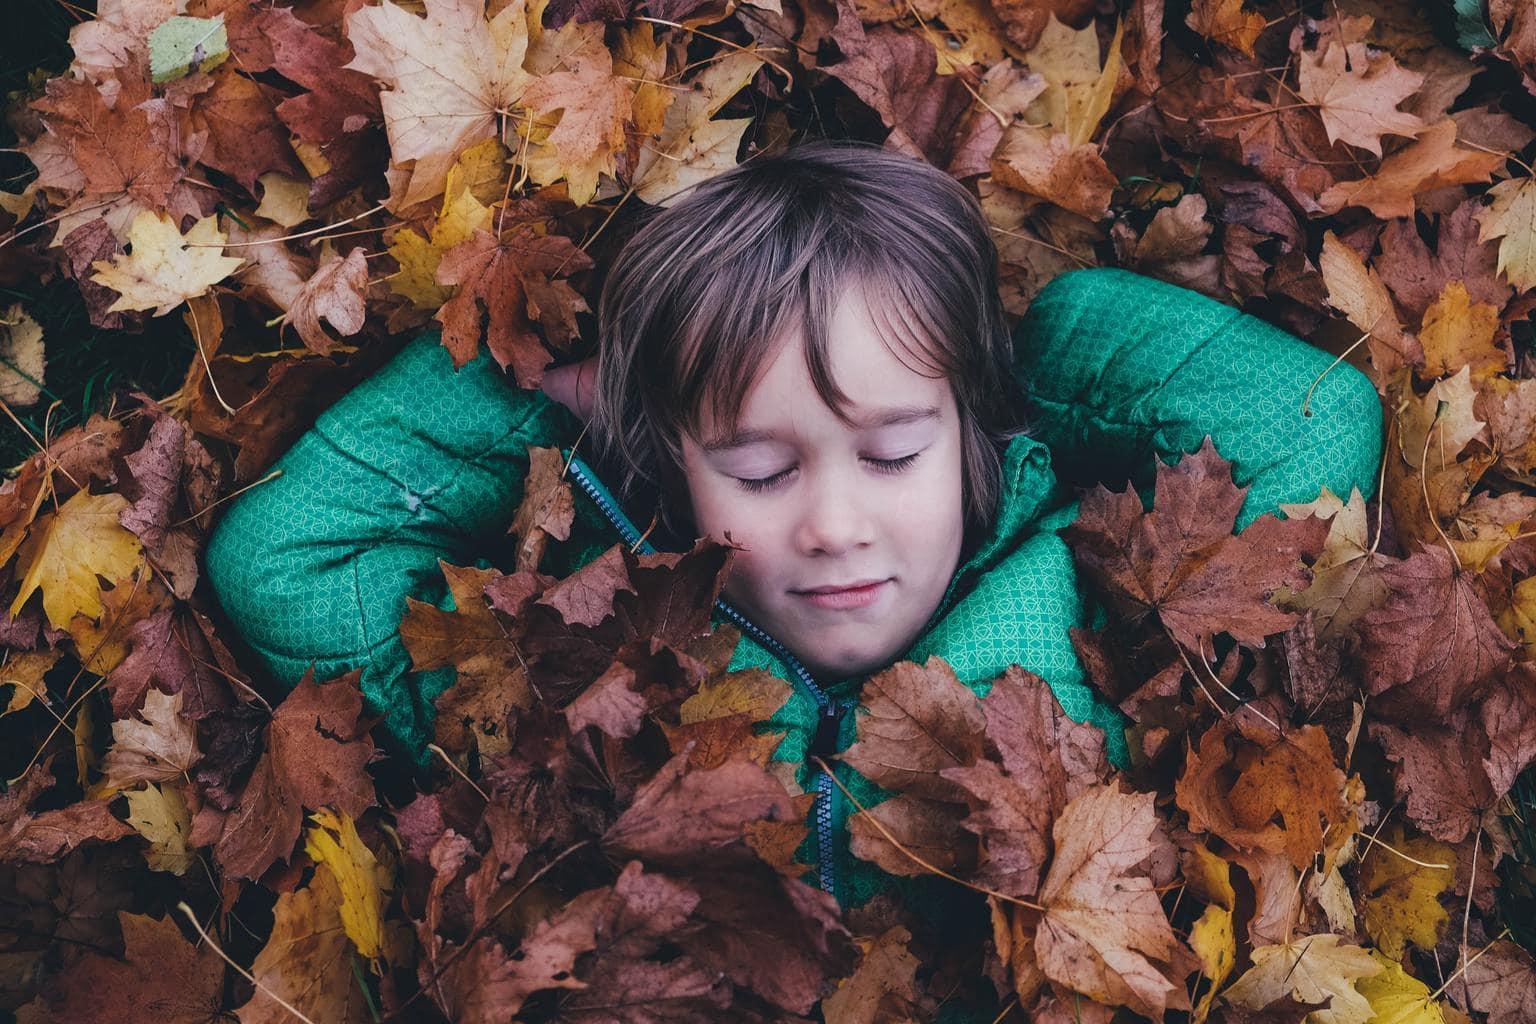 Retrato de niño en perspectiva cenital con fondo de hojas de otoño